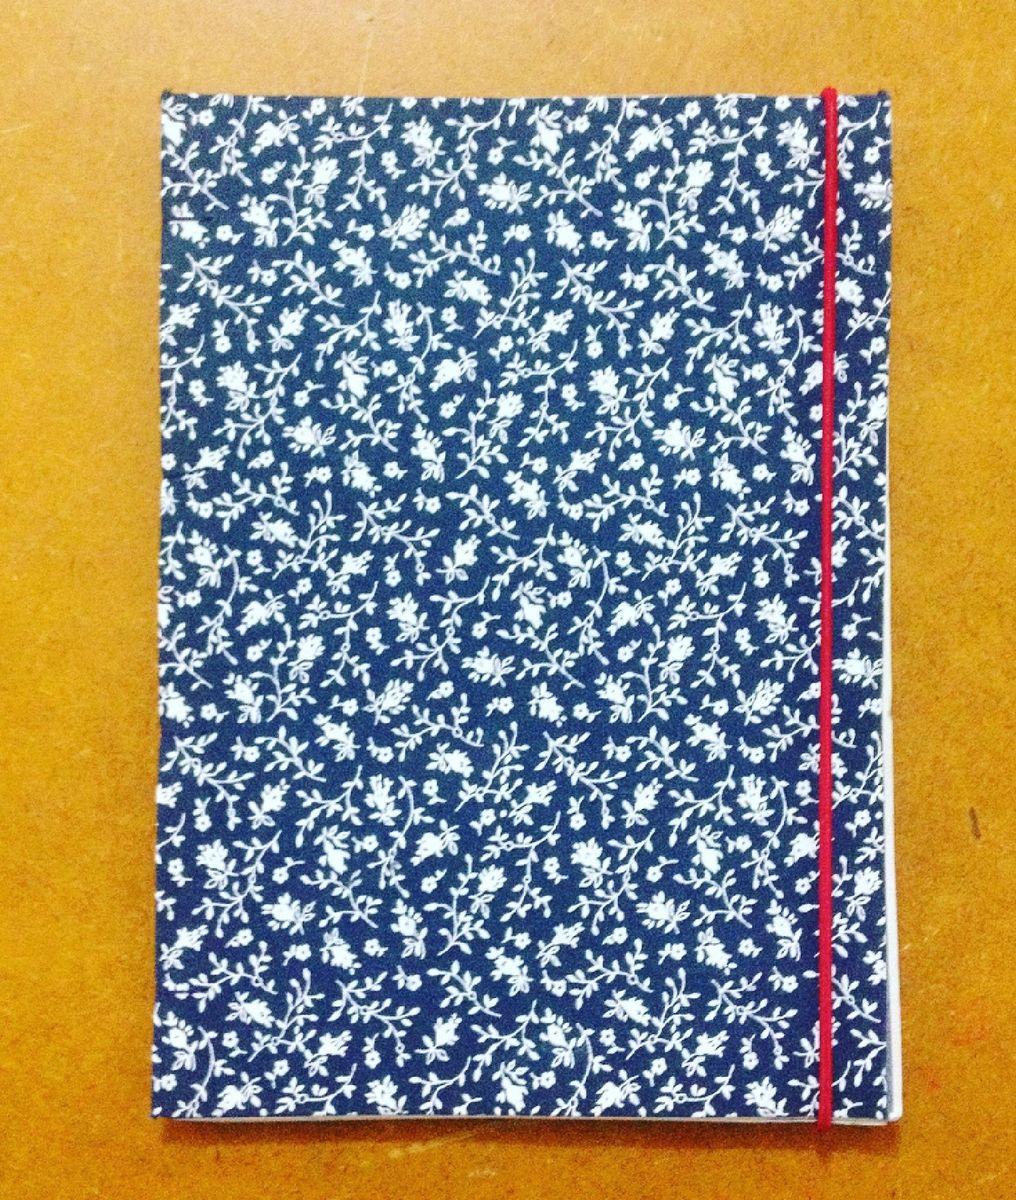 caderninho artesanal - papelaria merak